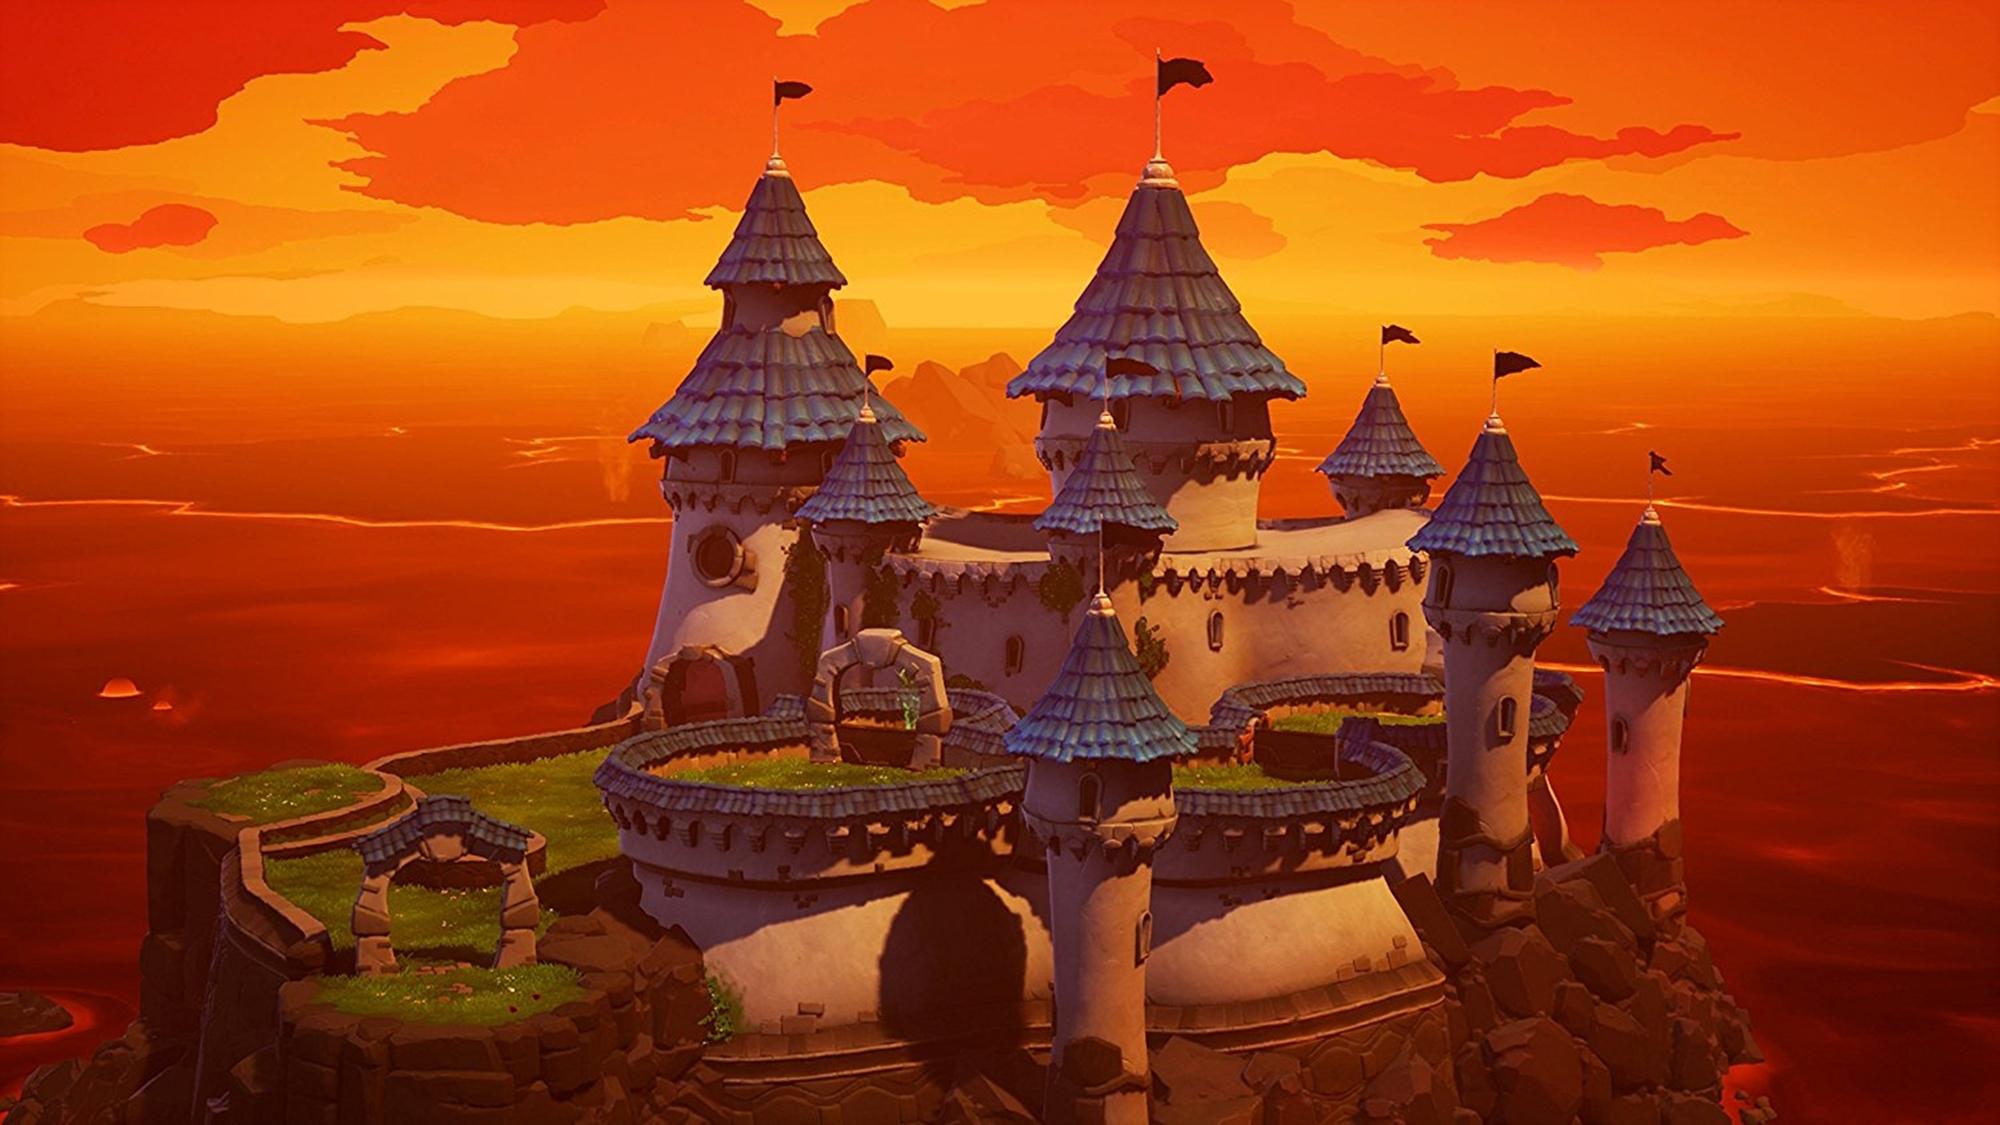 Oficial: Spyro Reignited Trilogy vem ao PS4 e X1, tem data e lindo gameplay